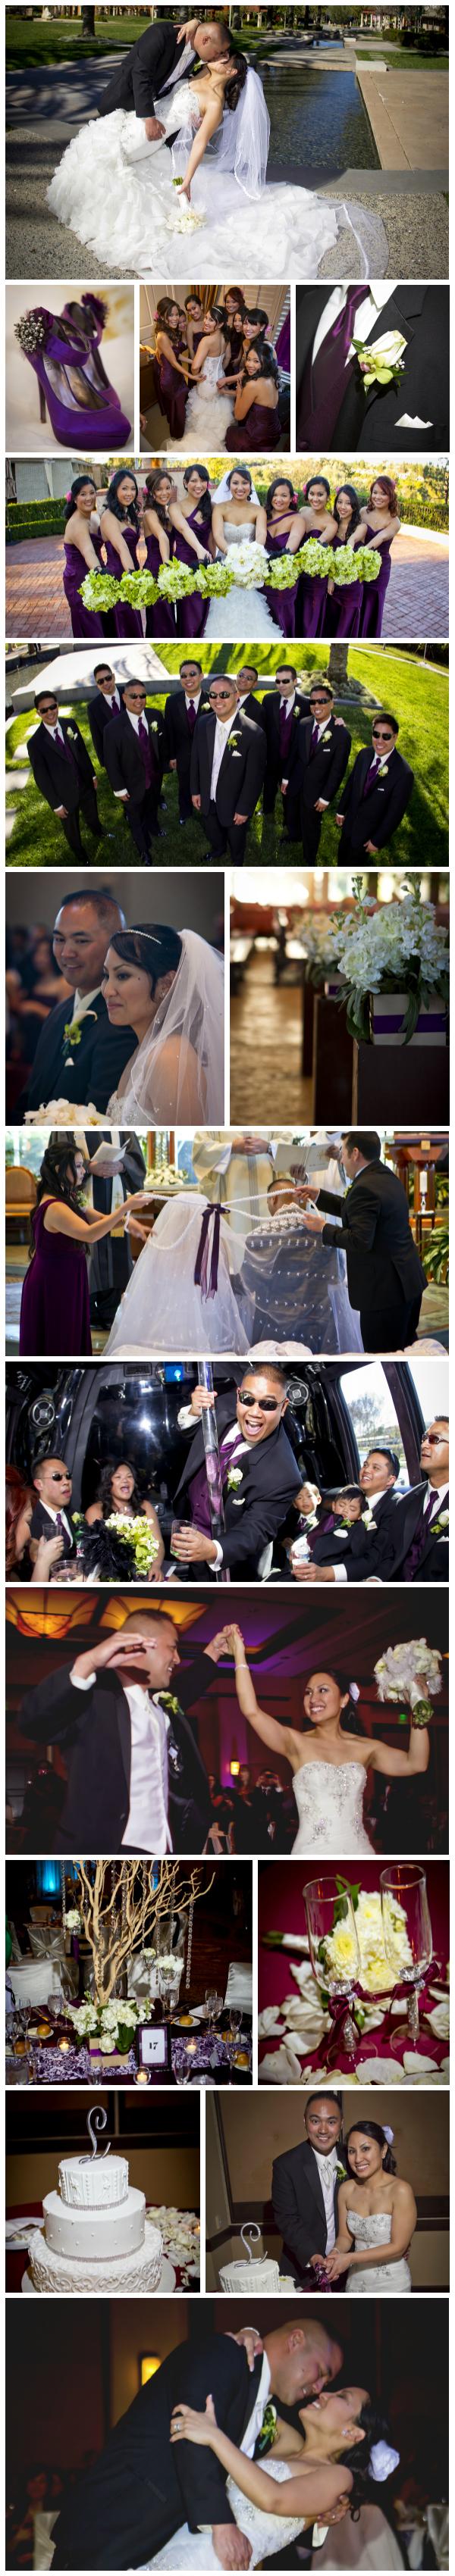 Lorraine + James San Diego Wedding Planner Swann Soirees